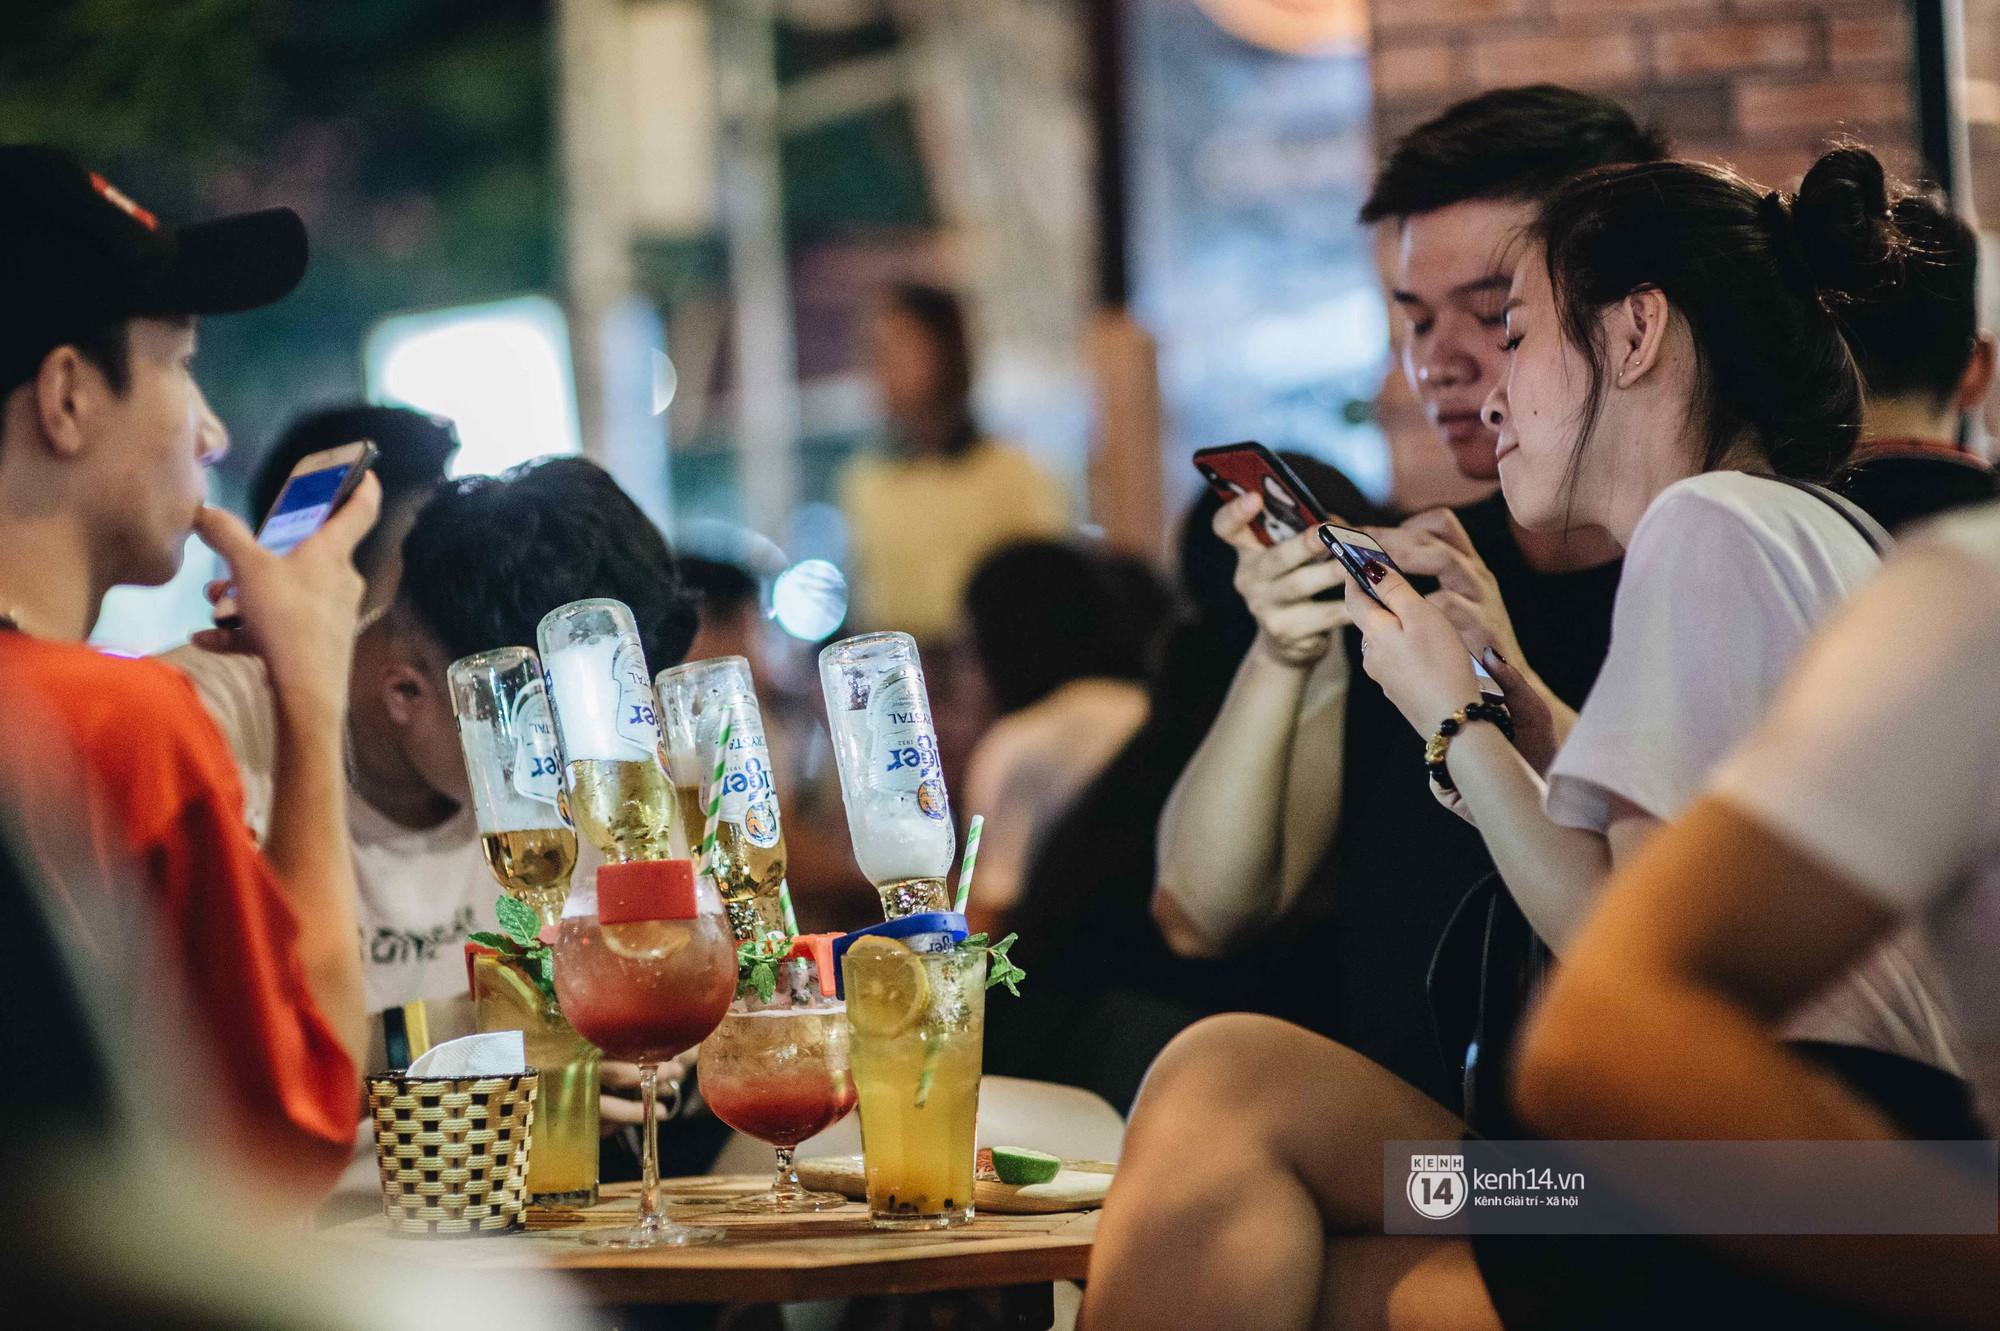 VZN News: Giới trẻ Hà Nội đổ xô đi thử bia úp ngược: chật kín chỗ, nhiều khách phải ngậm ngùi đi về - Ảnh 8.